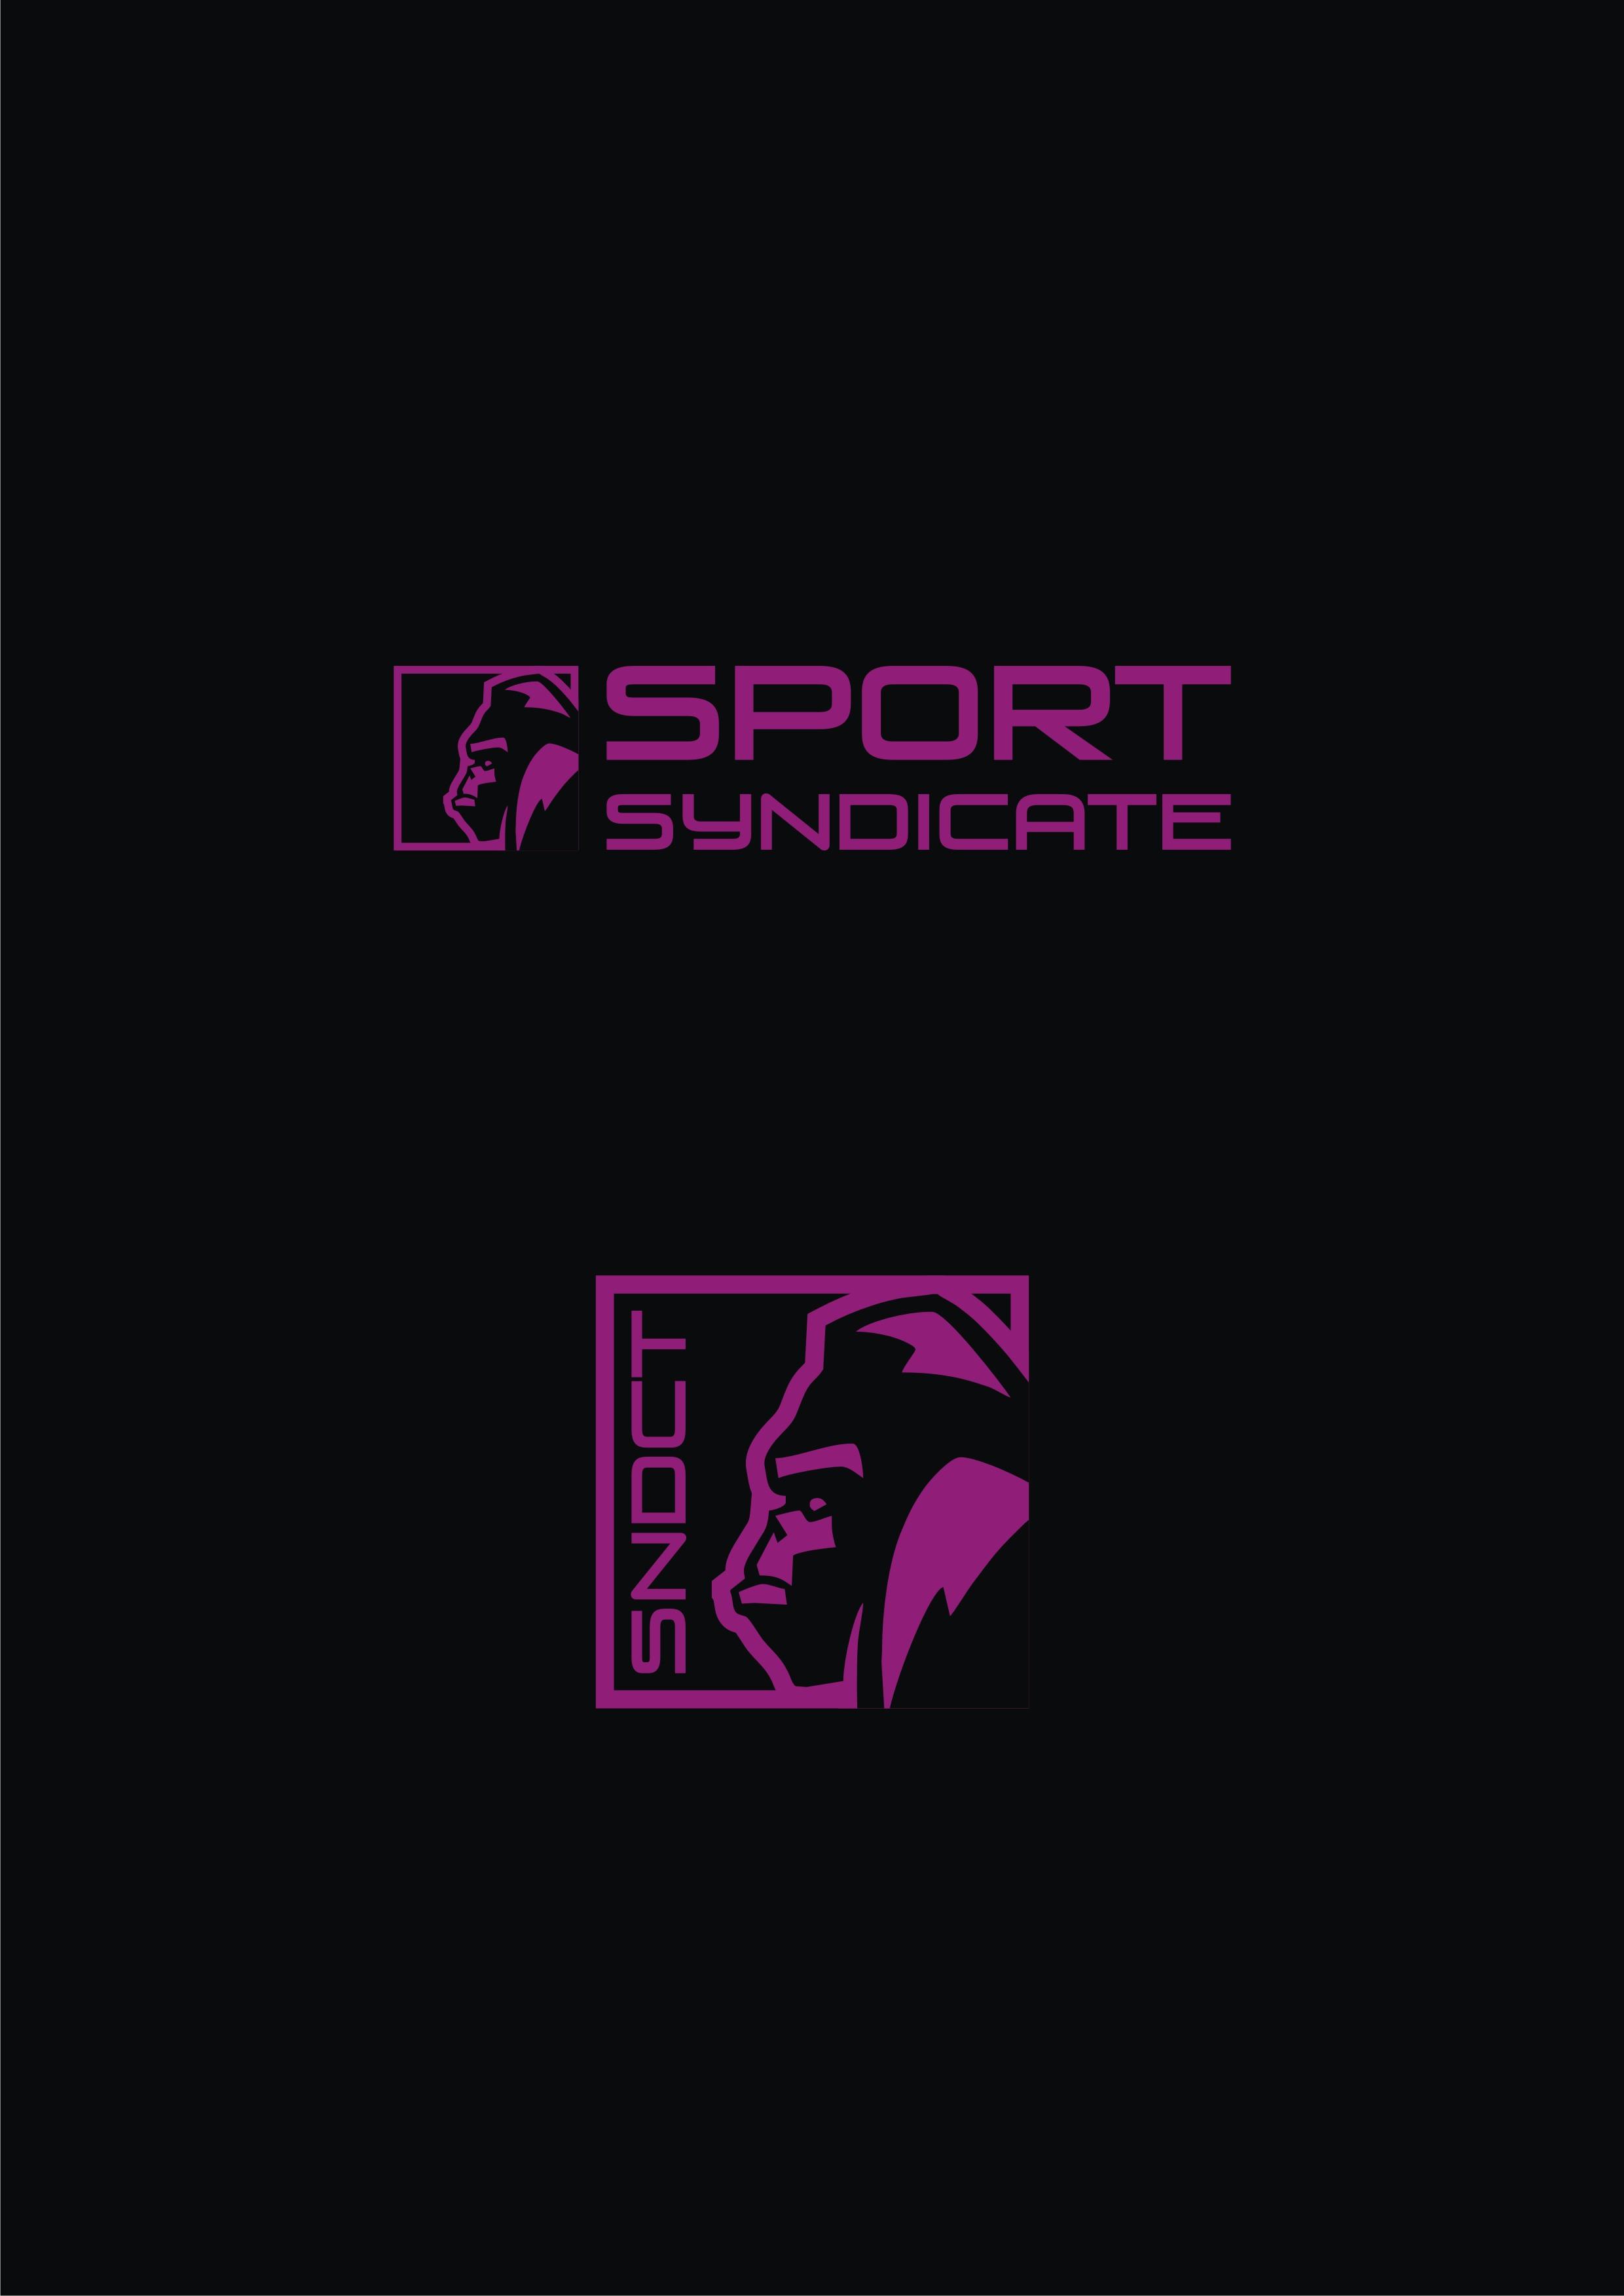 Создать логотип для сети магазинов спортивного питания фото f_8675968ac54ad4c2.jpg